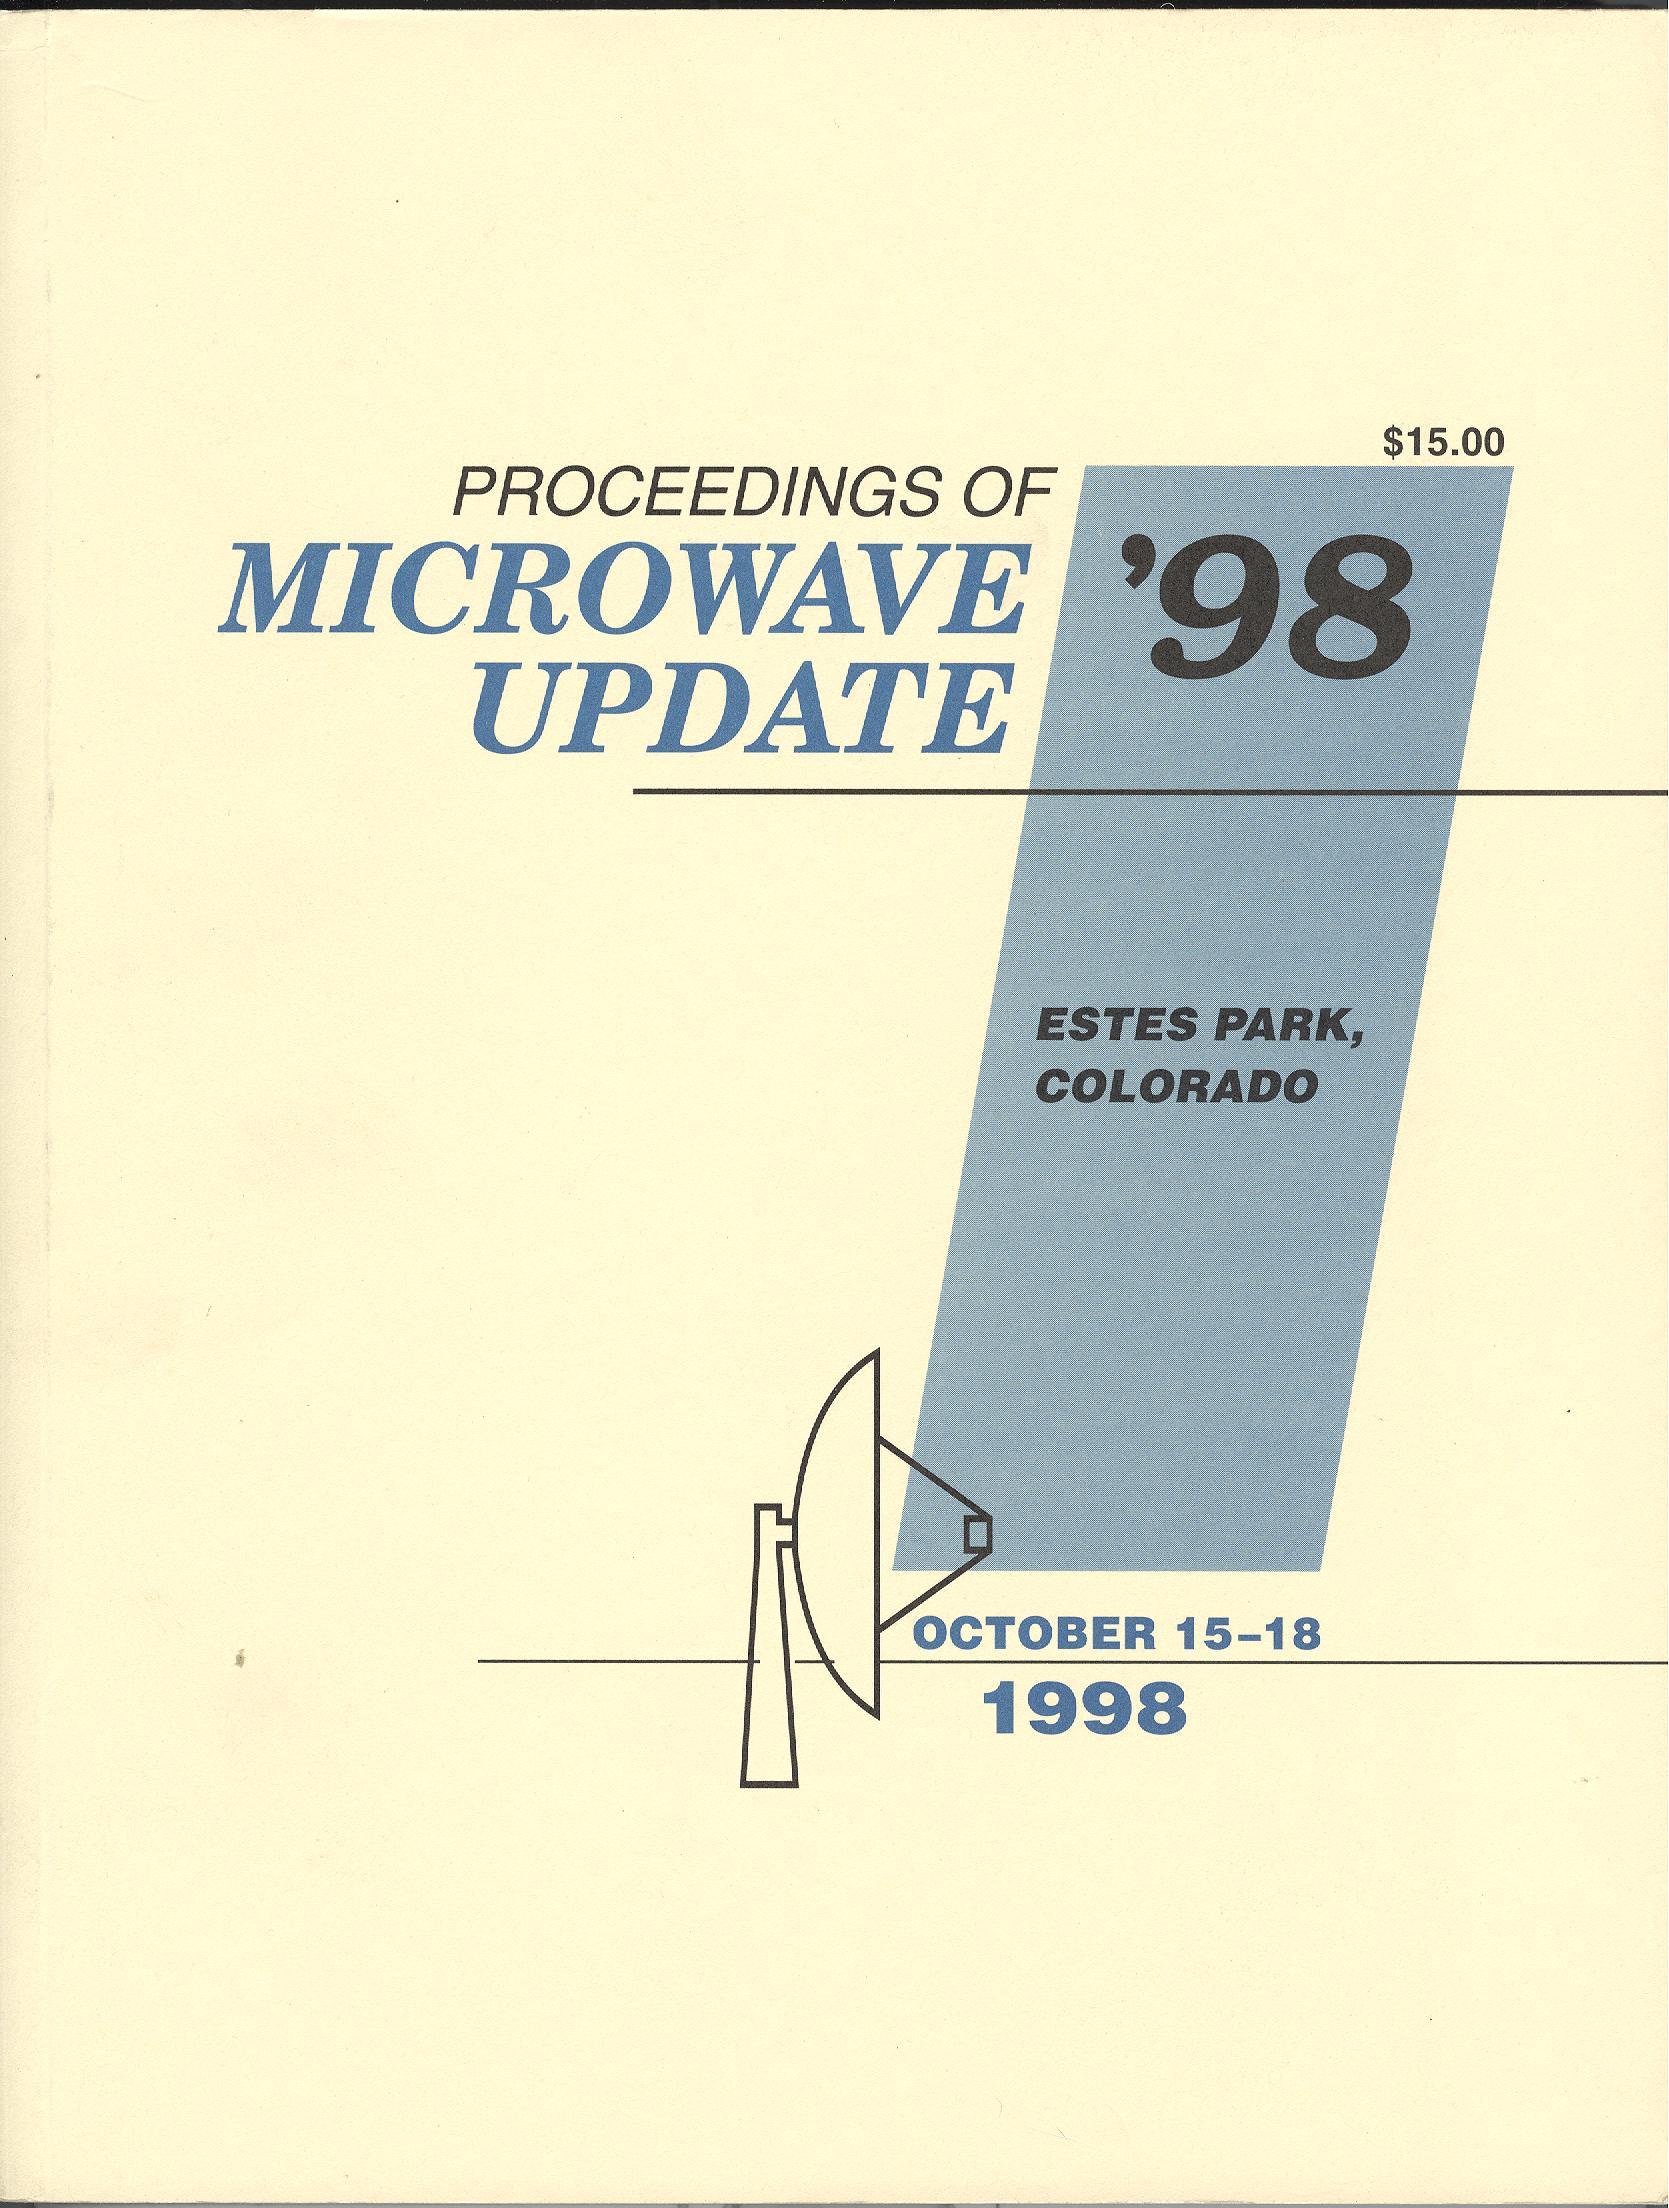 Proceedings of Microwave Update '98